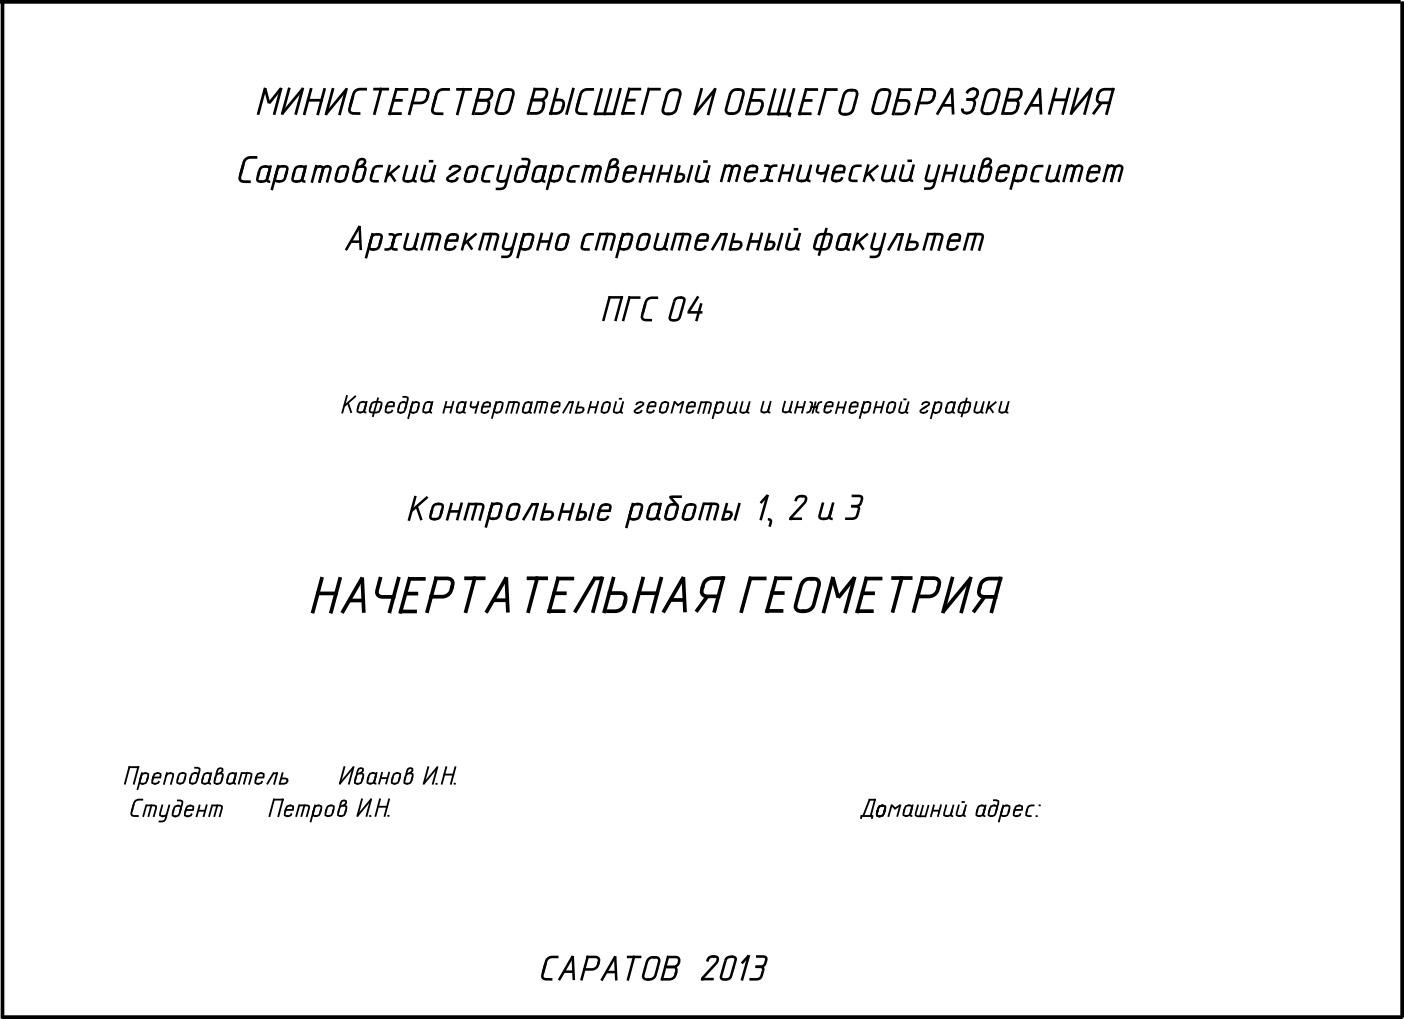 Титульный лист контрольной работы для заочников: особенности оформления